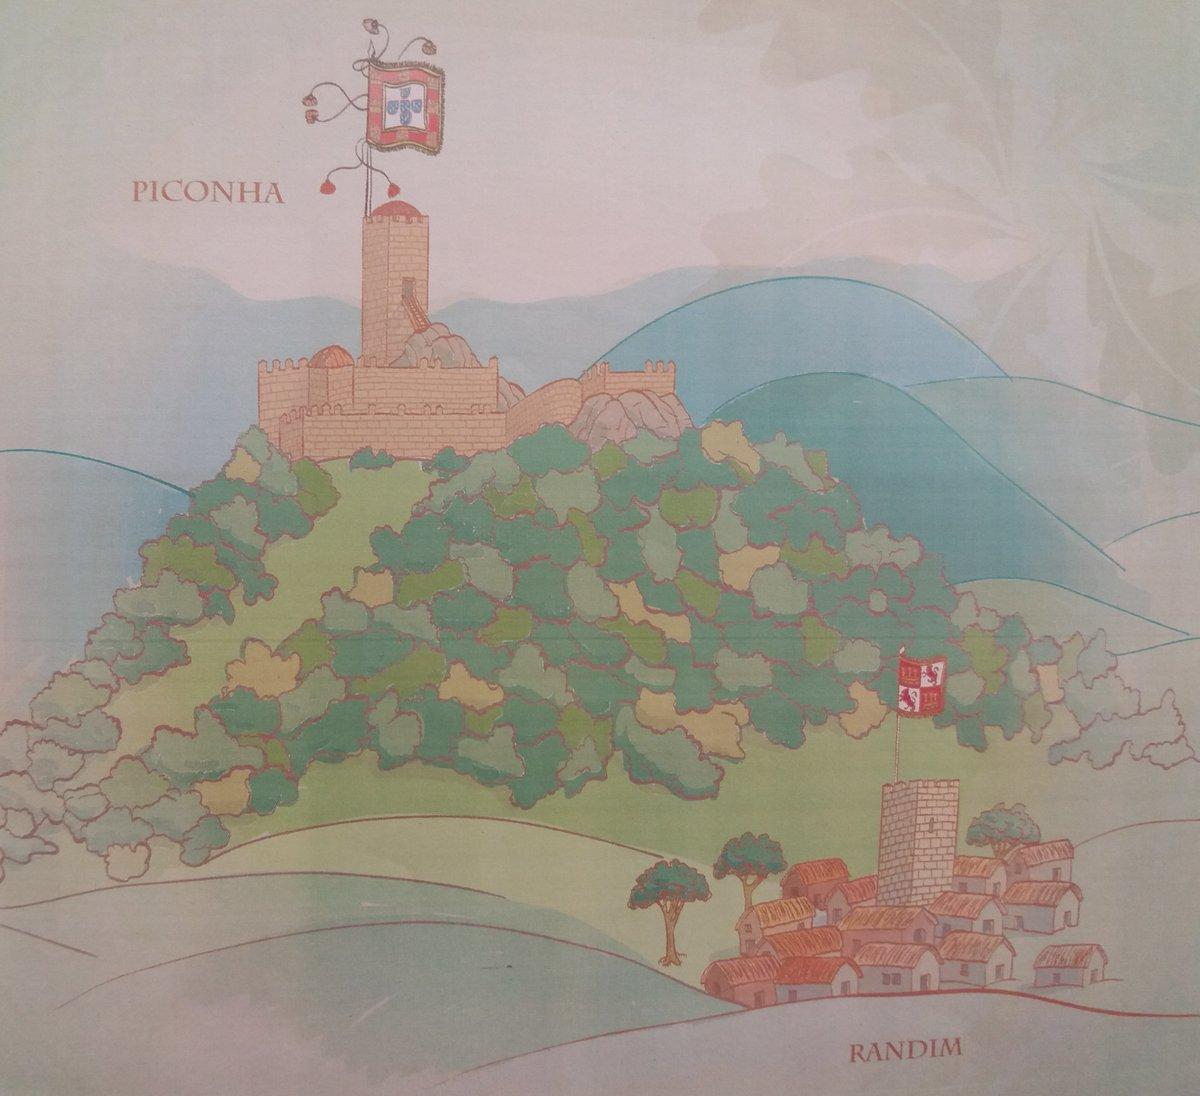 O #castelodaPicoña, fortificación de orixe portuguesa do séc. XII, preto de #Randín (#CalvosdeRandín #Ourense), é posiblemente unha das orixes do #CoutoMixto #RBTGX @RXures #Coutomisto @apatrigal @frontespo @CoutoMixtoHoxe @CoutoMixto @FronteirasPT https://t.co/zOJ2ZZFIDy